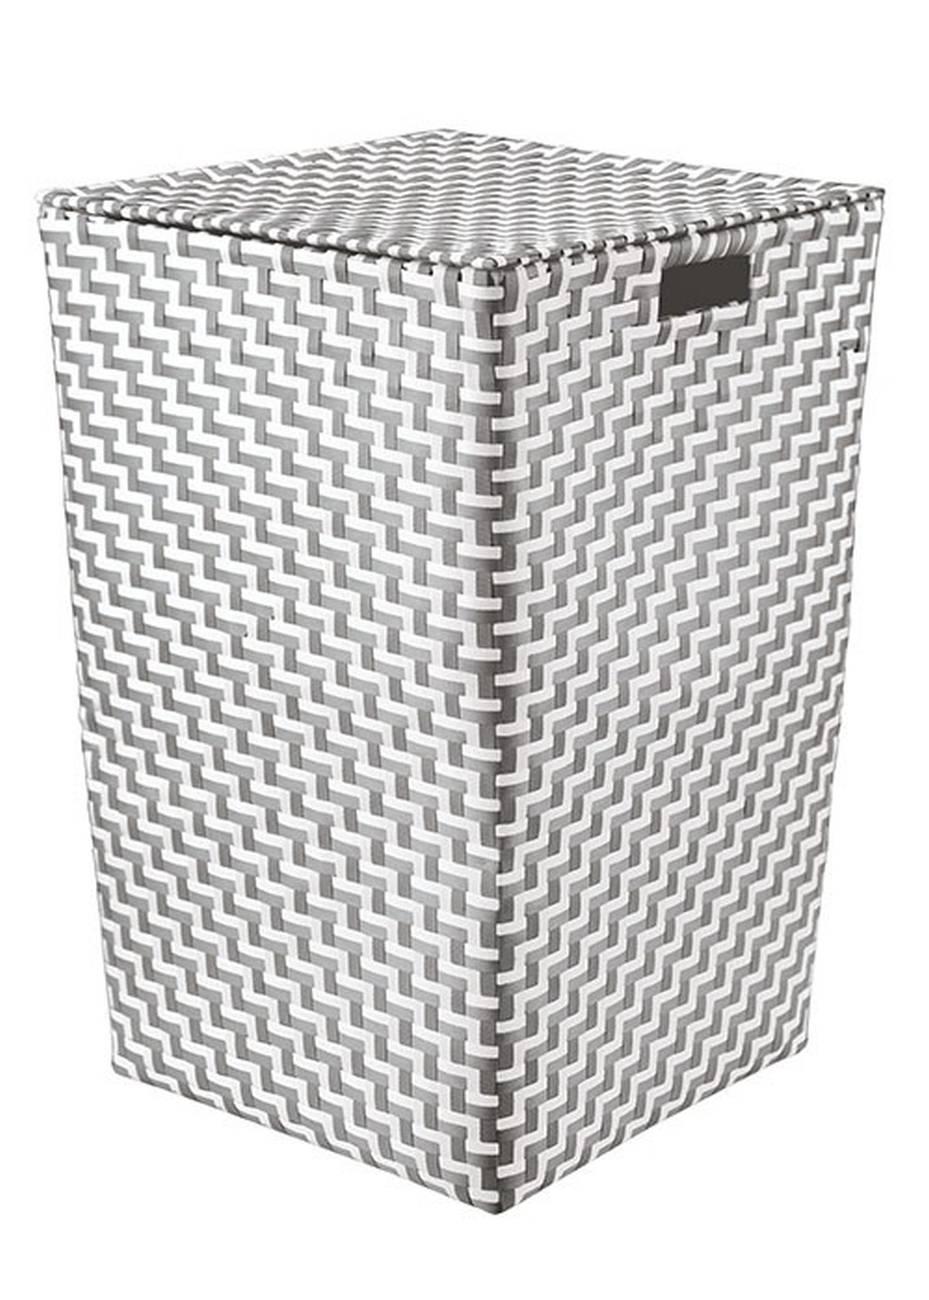 Wäschebox Double Laundry Box 100 % Polypropylen Platin Wäschebox 35x55 cm